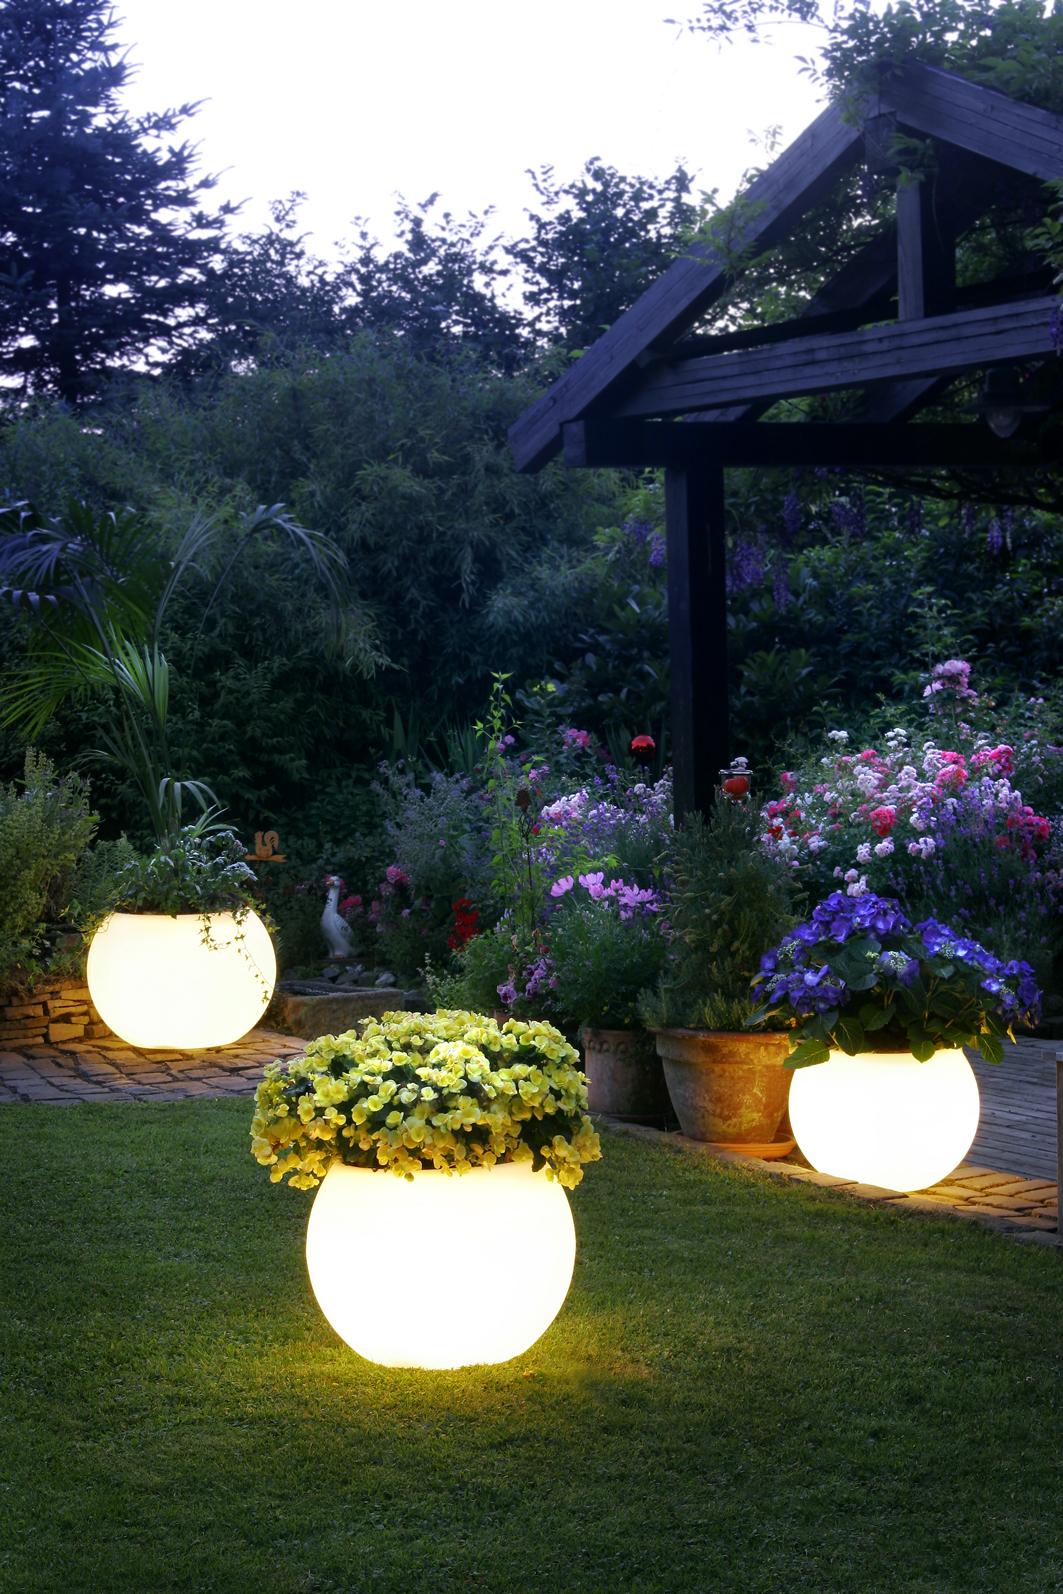 12 Idées Lumineuses Pour Éclairer Et Décorer Votre Jardin intérieur Boule Lumineuse Jardin